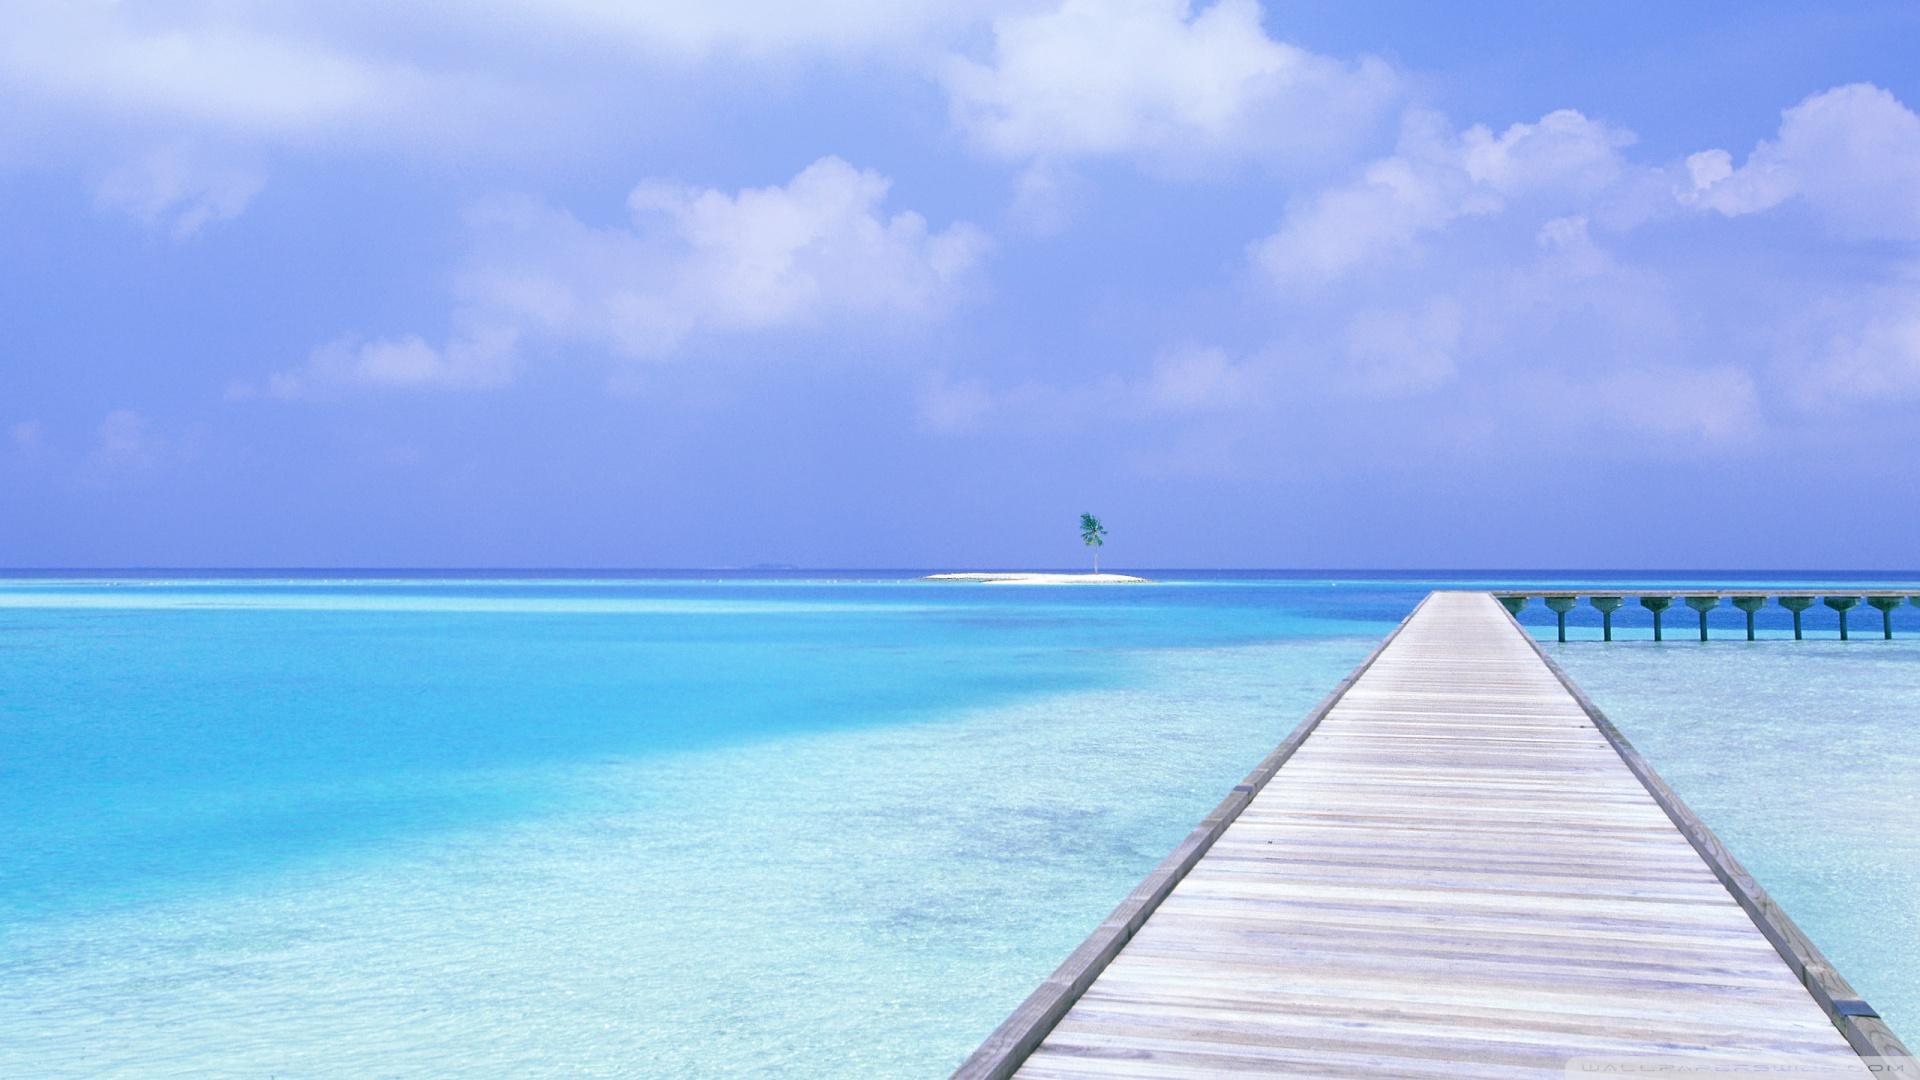 Over Blue Ocean Wallpaper 1920x1080 Footbridge Over Blue Ocean 1920x1080